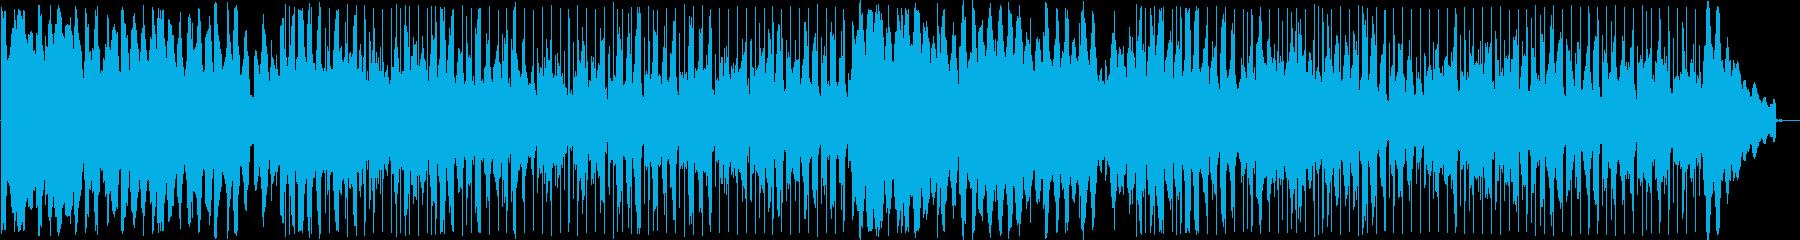 キレイな音色のボサノヴァミュージックの再生済みの波形